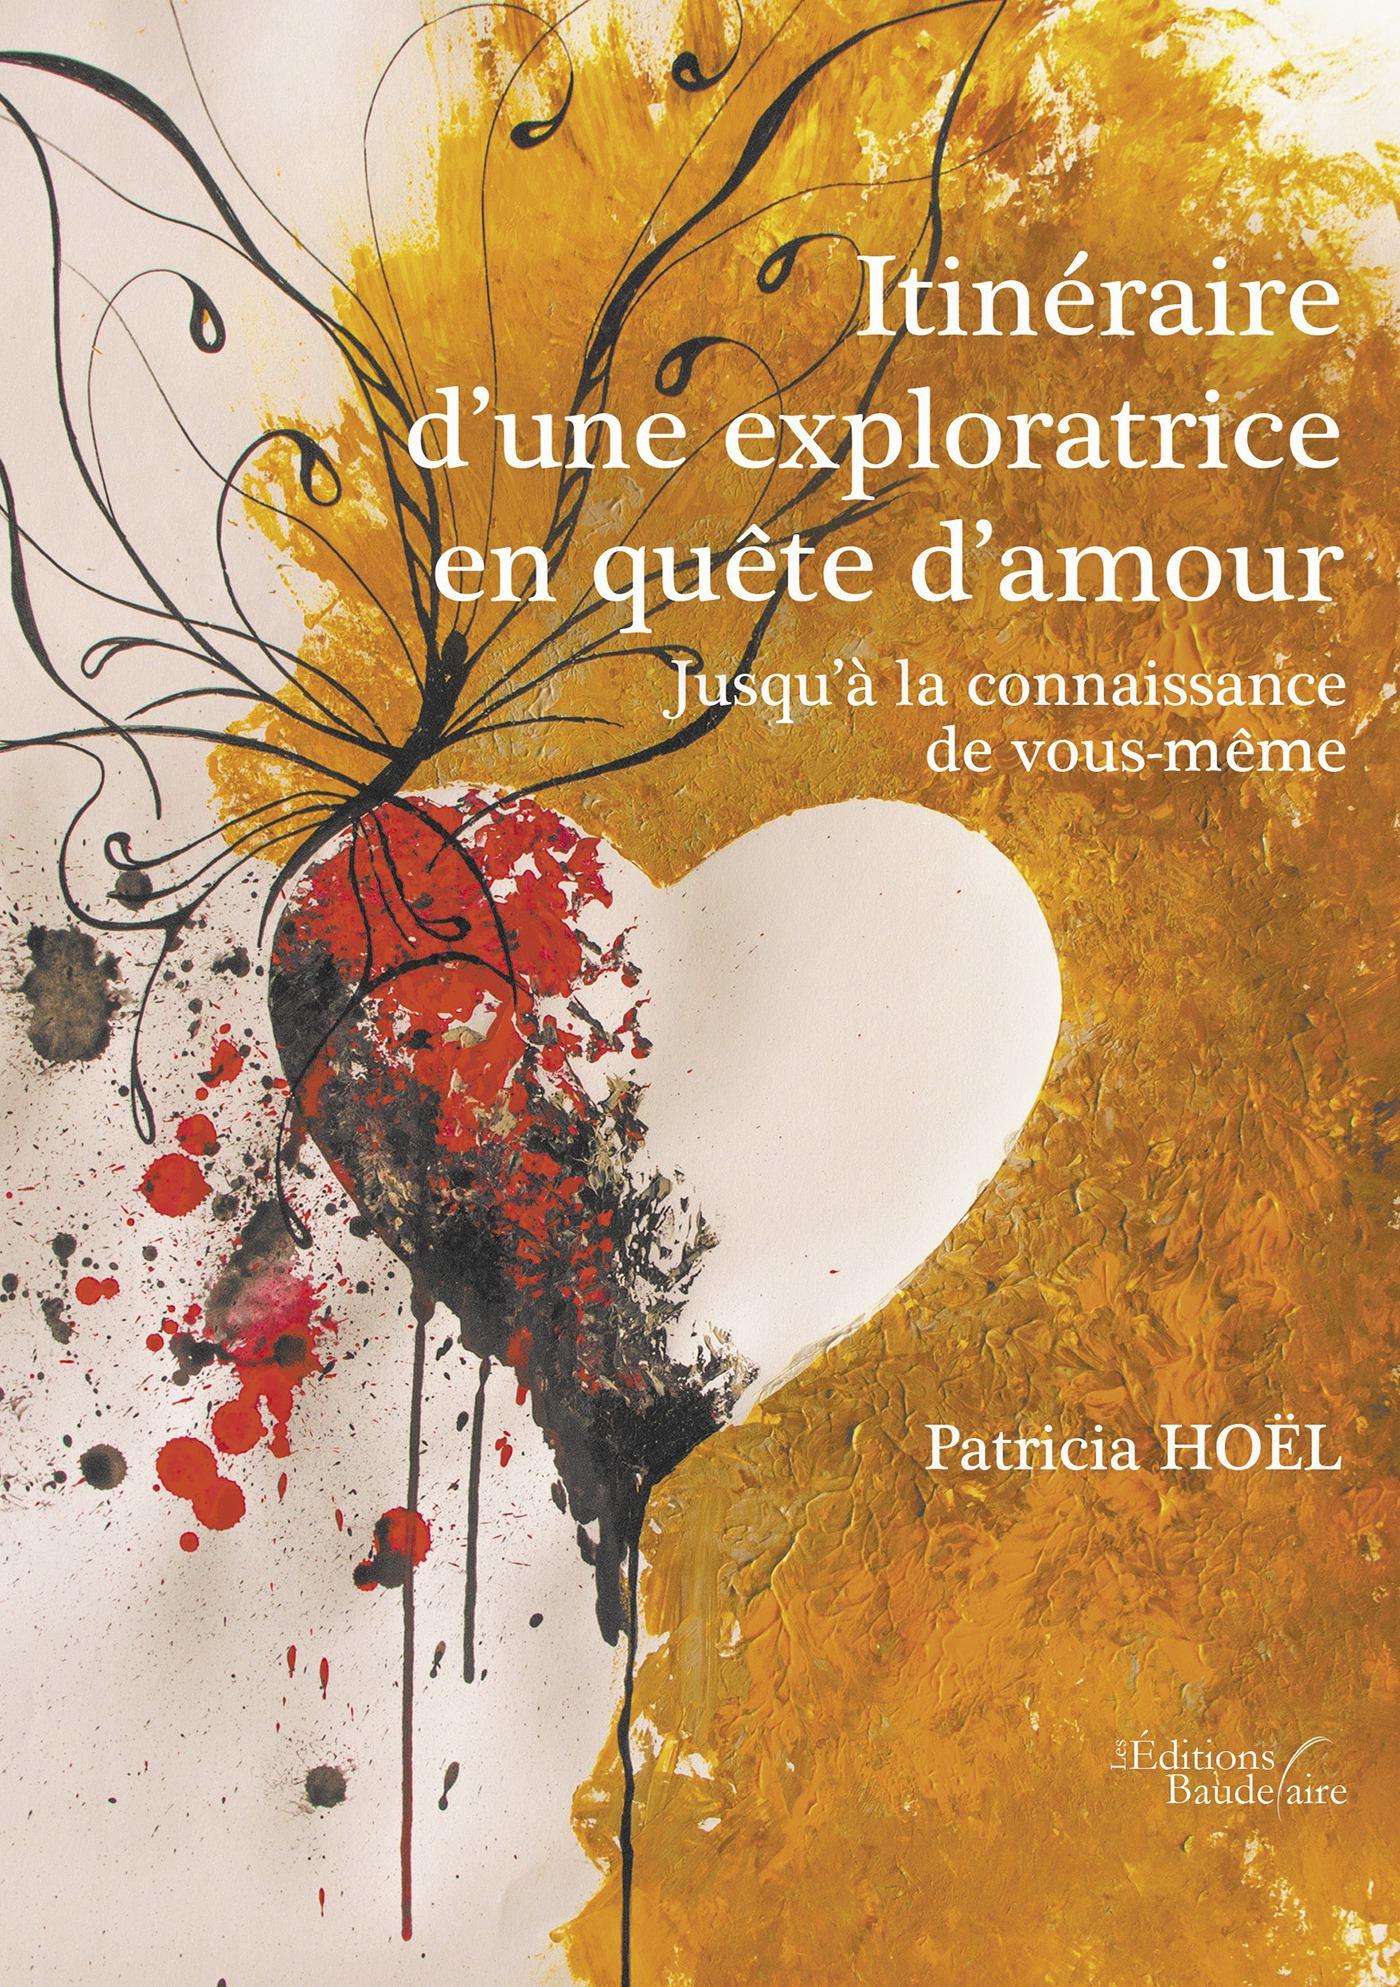 Itinéraire d´une exploratrice en quête d´amour - Jusqu´à la connaissance de vous-même  - Patricia Hoel